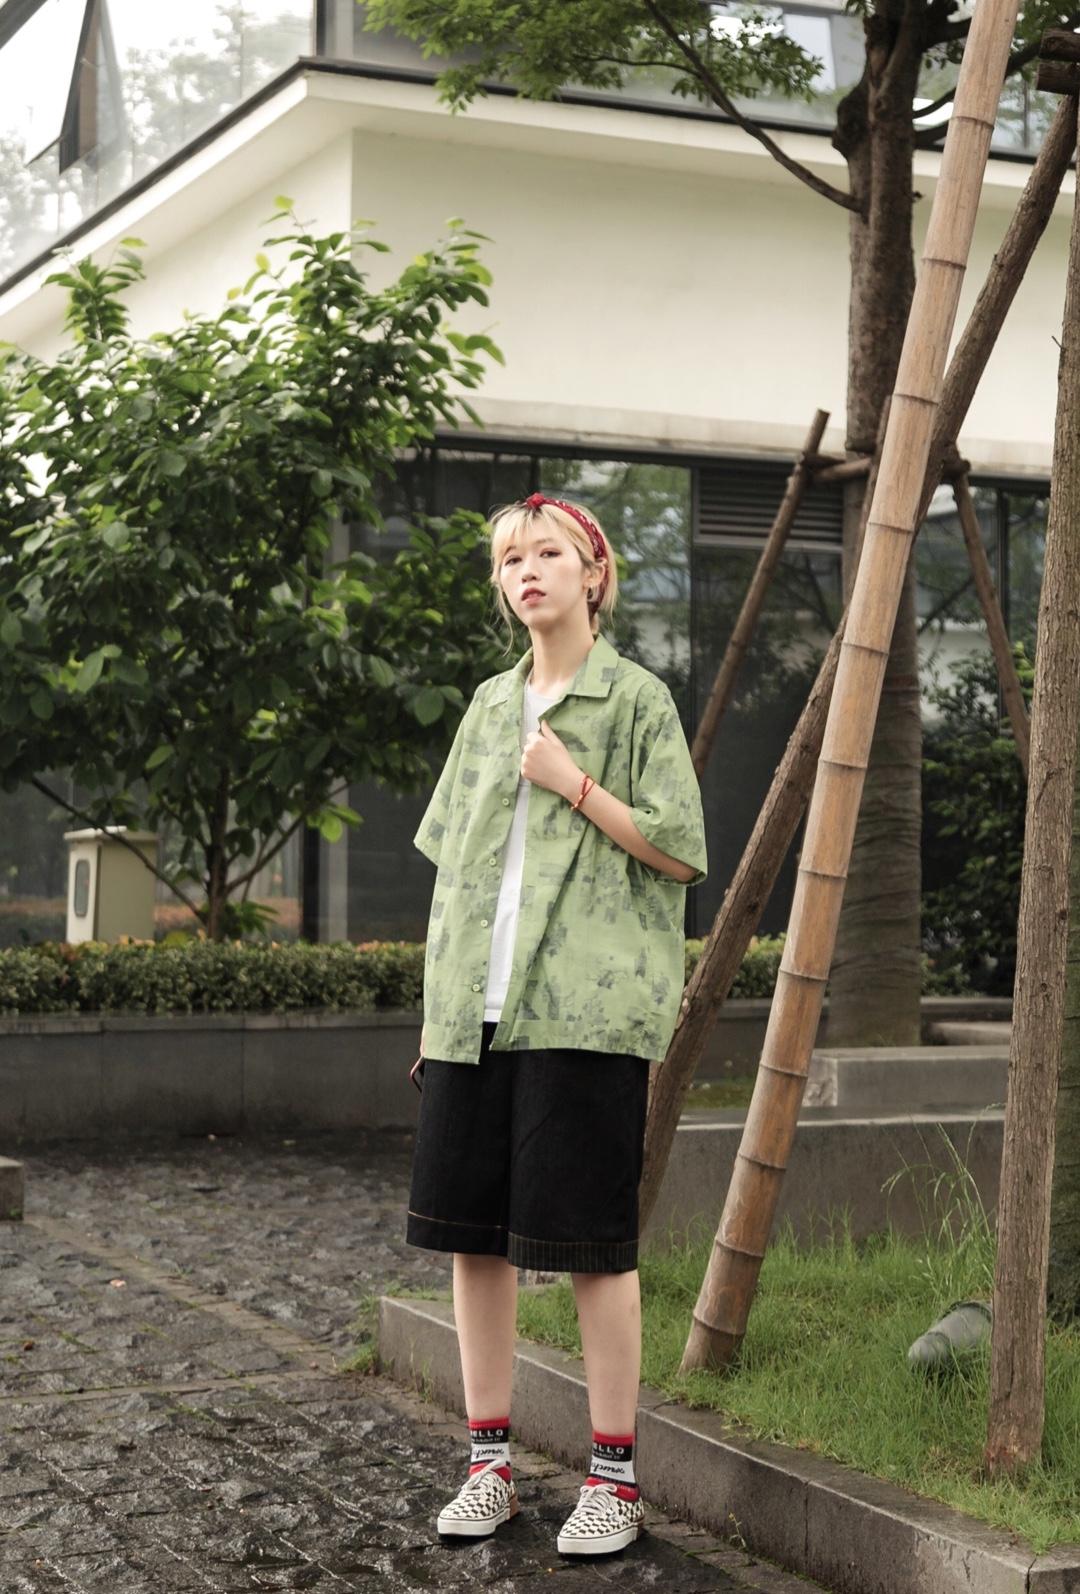 #远离粗腿,遮腿出街利器get# T恤衬衫简直就是夏天必备!单穿外搭都很好看~搭配牛仔五分裤,满满的夏威夷风~显瘦上身也很舒服~超喜欢🤙🏻